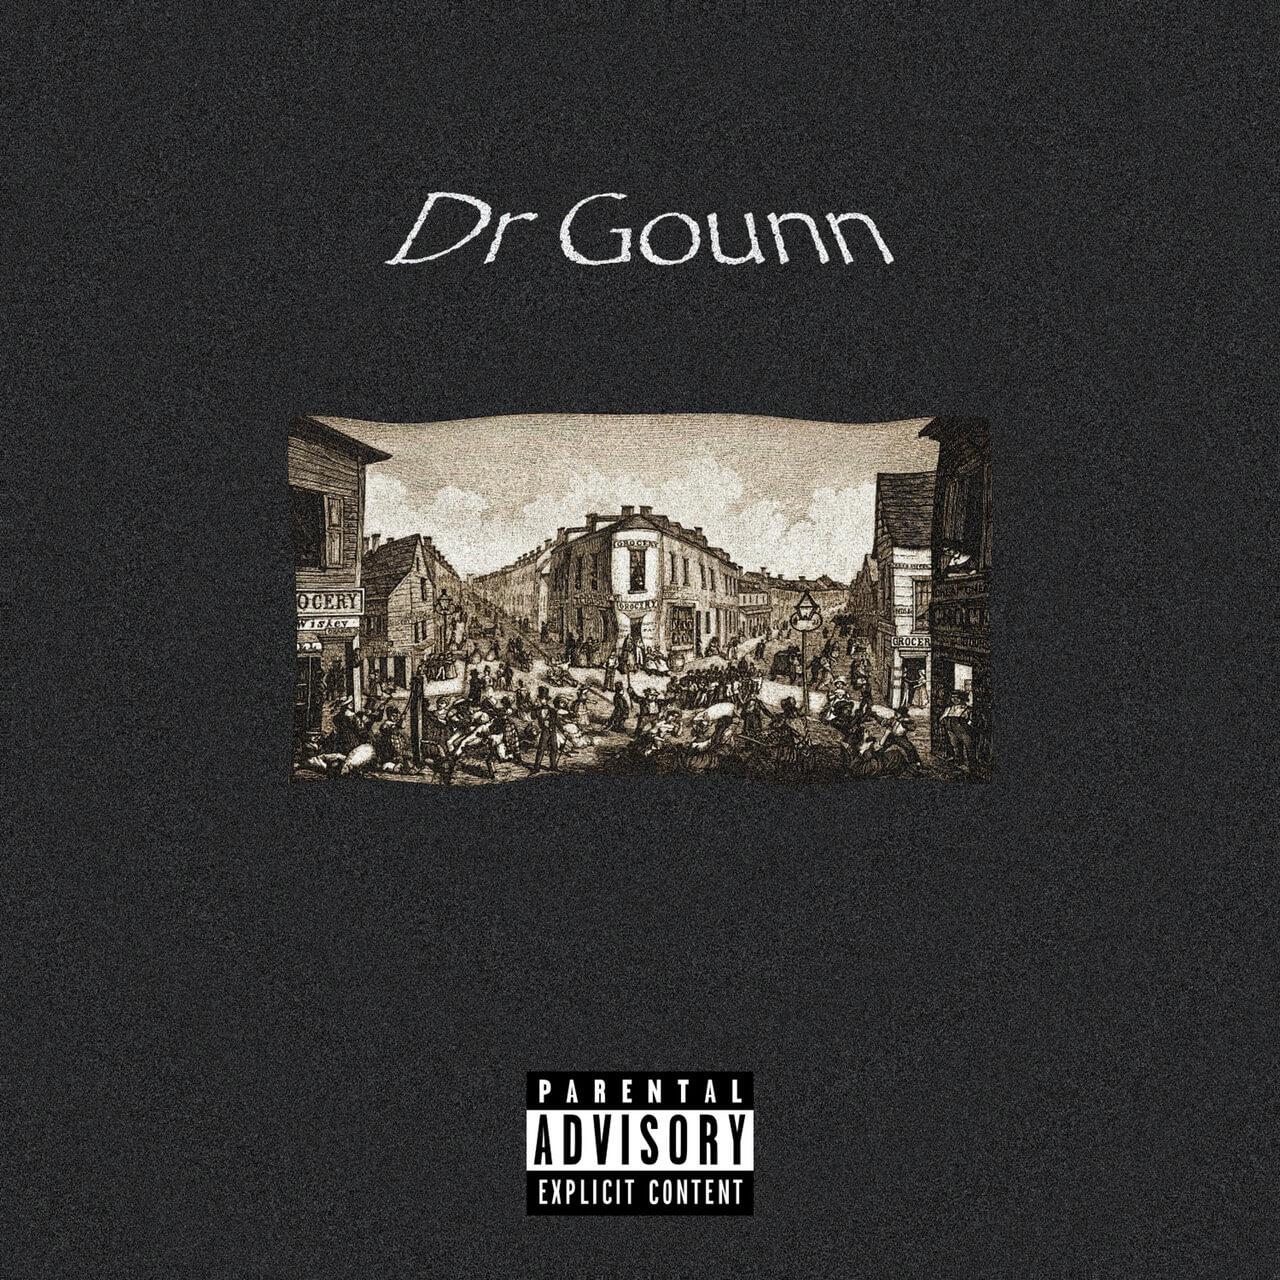 Dr Gounn